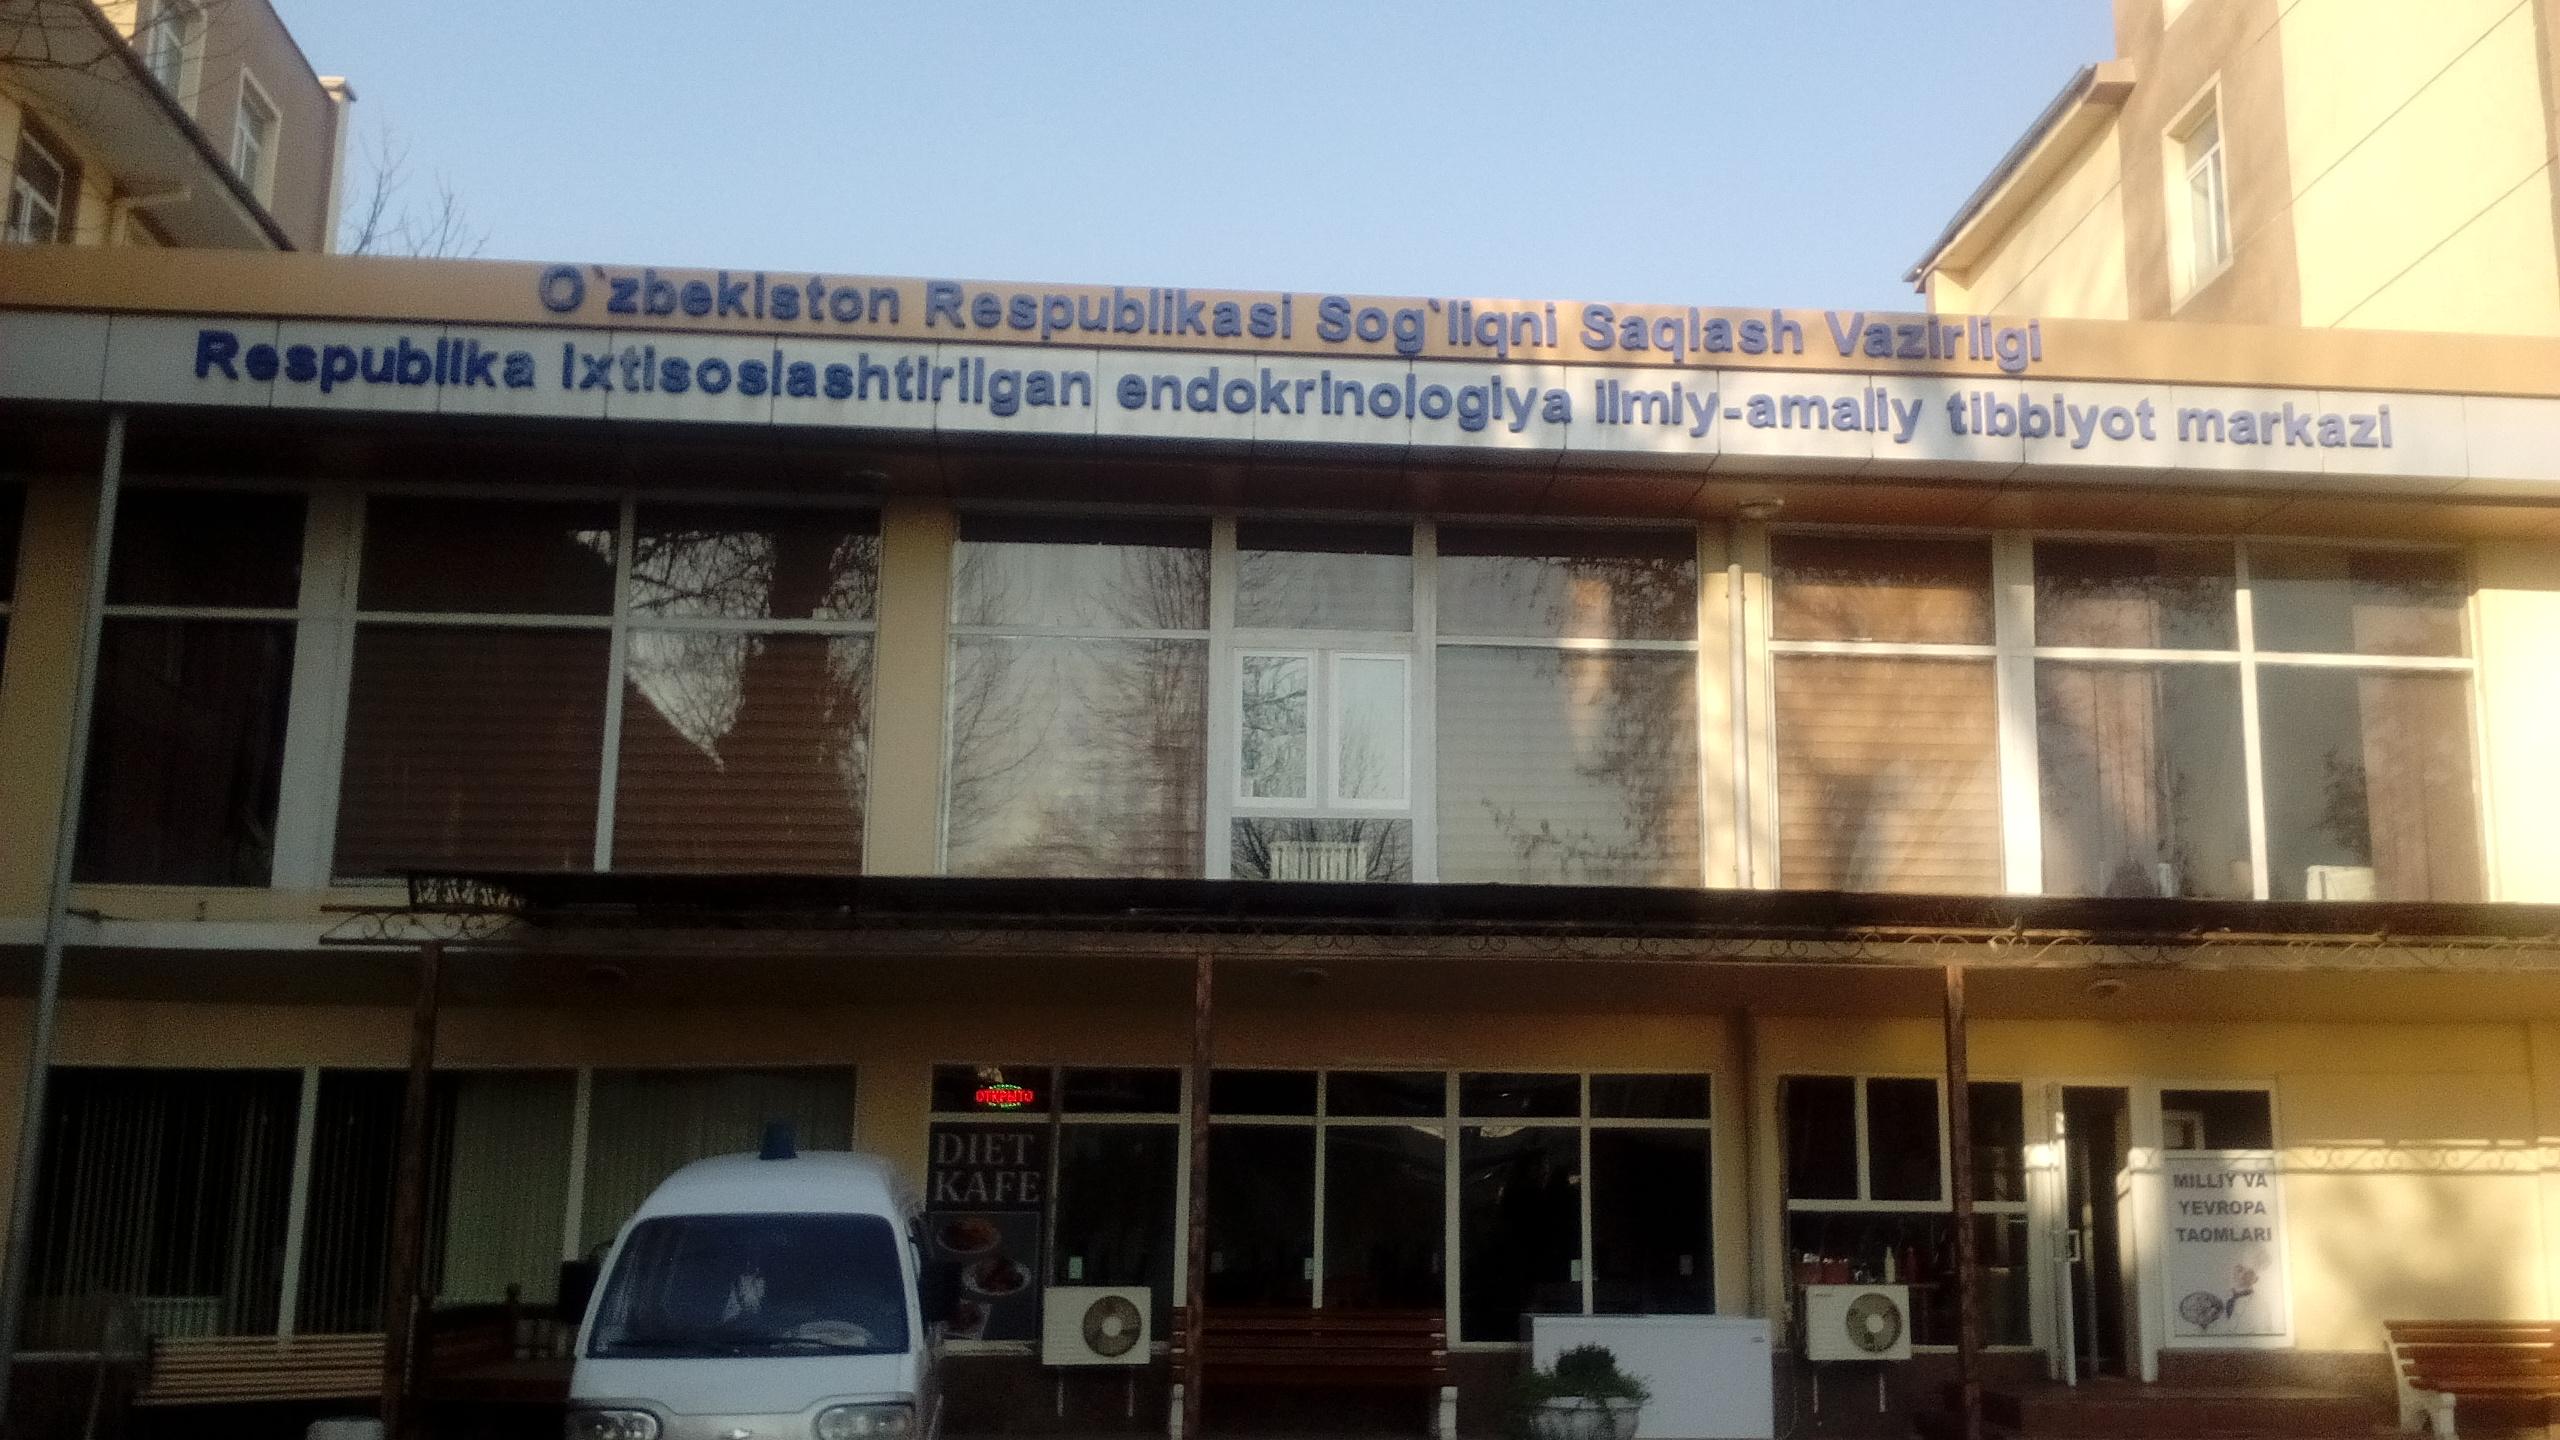 Республиканский специализированный научно-практический медицинский центр эндокринологии